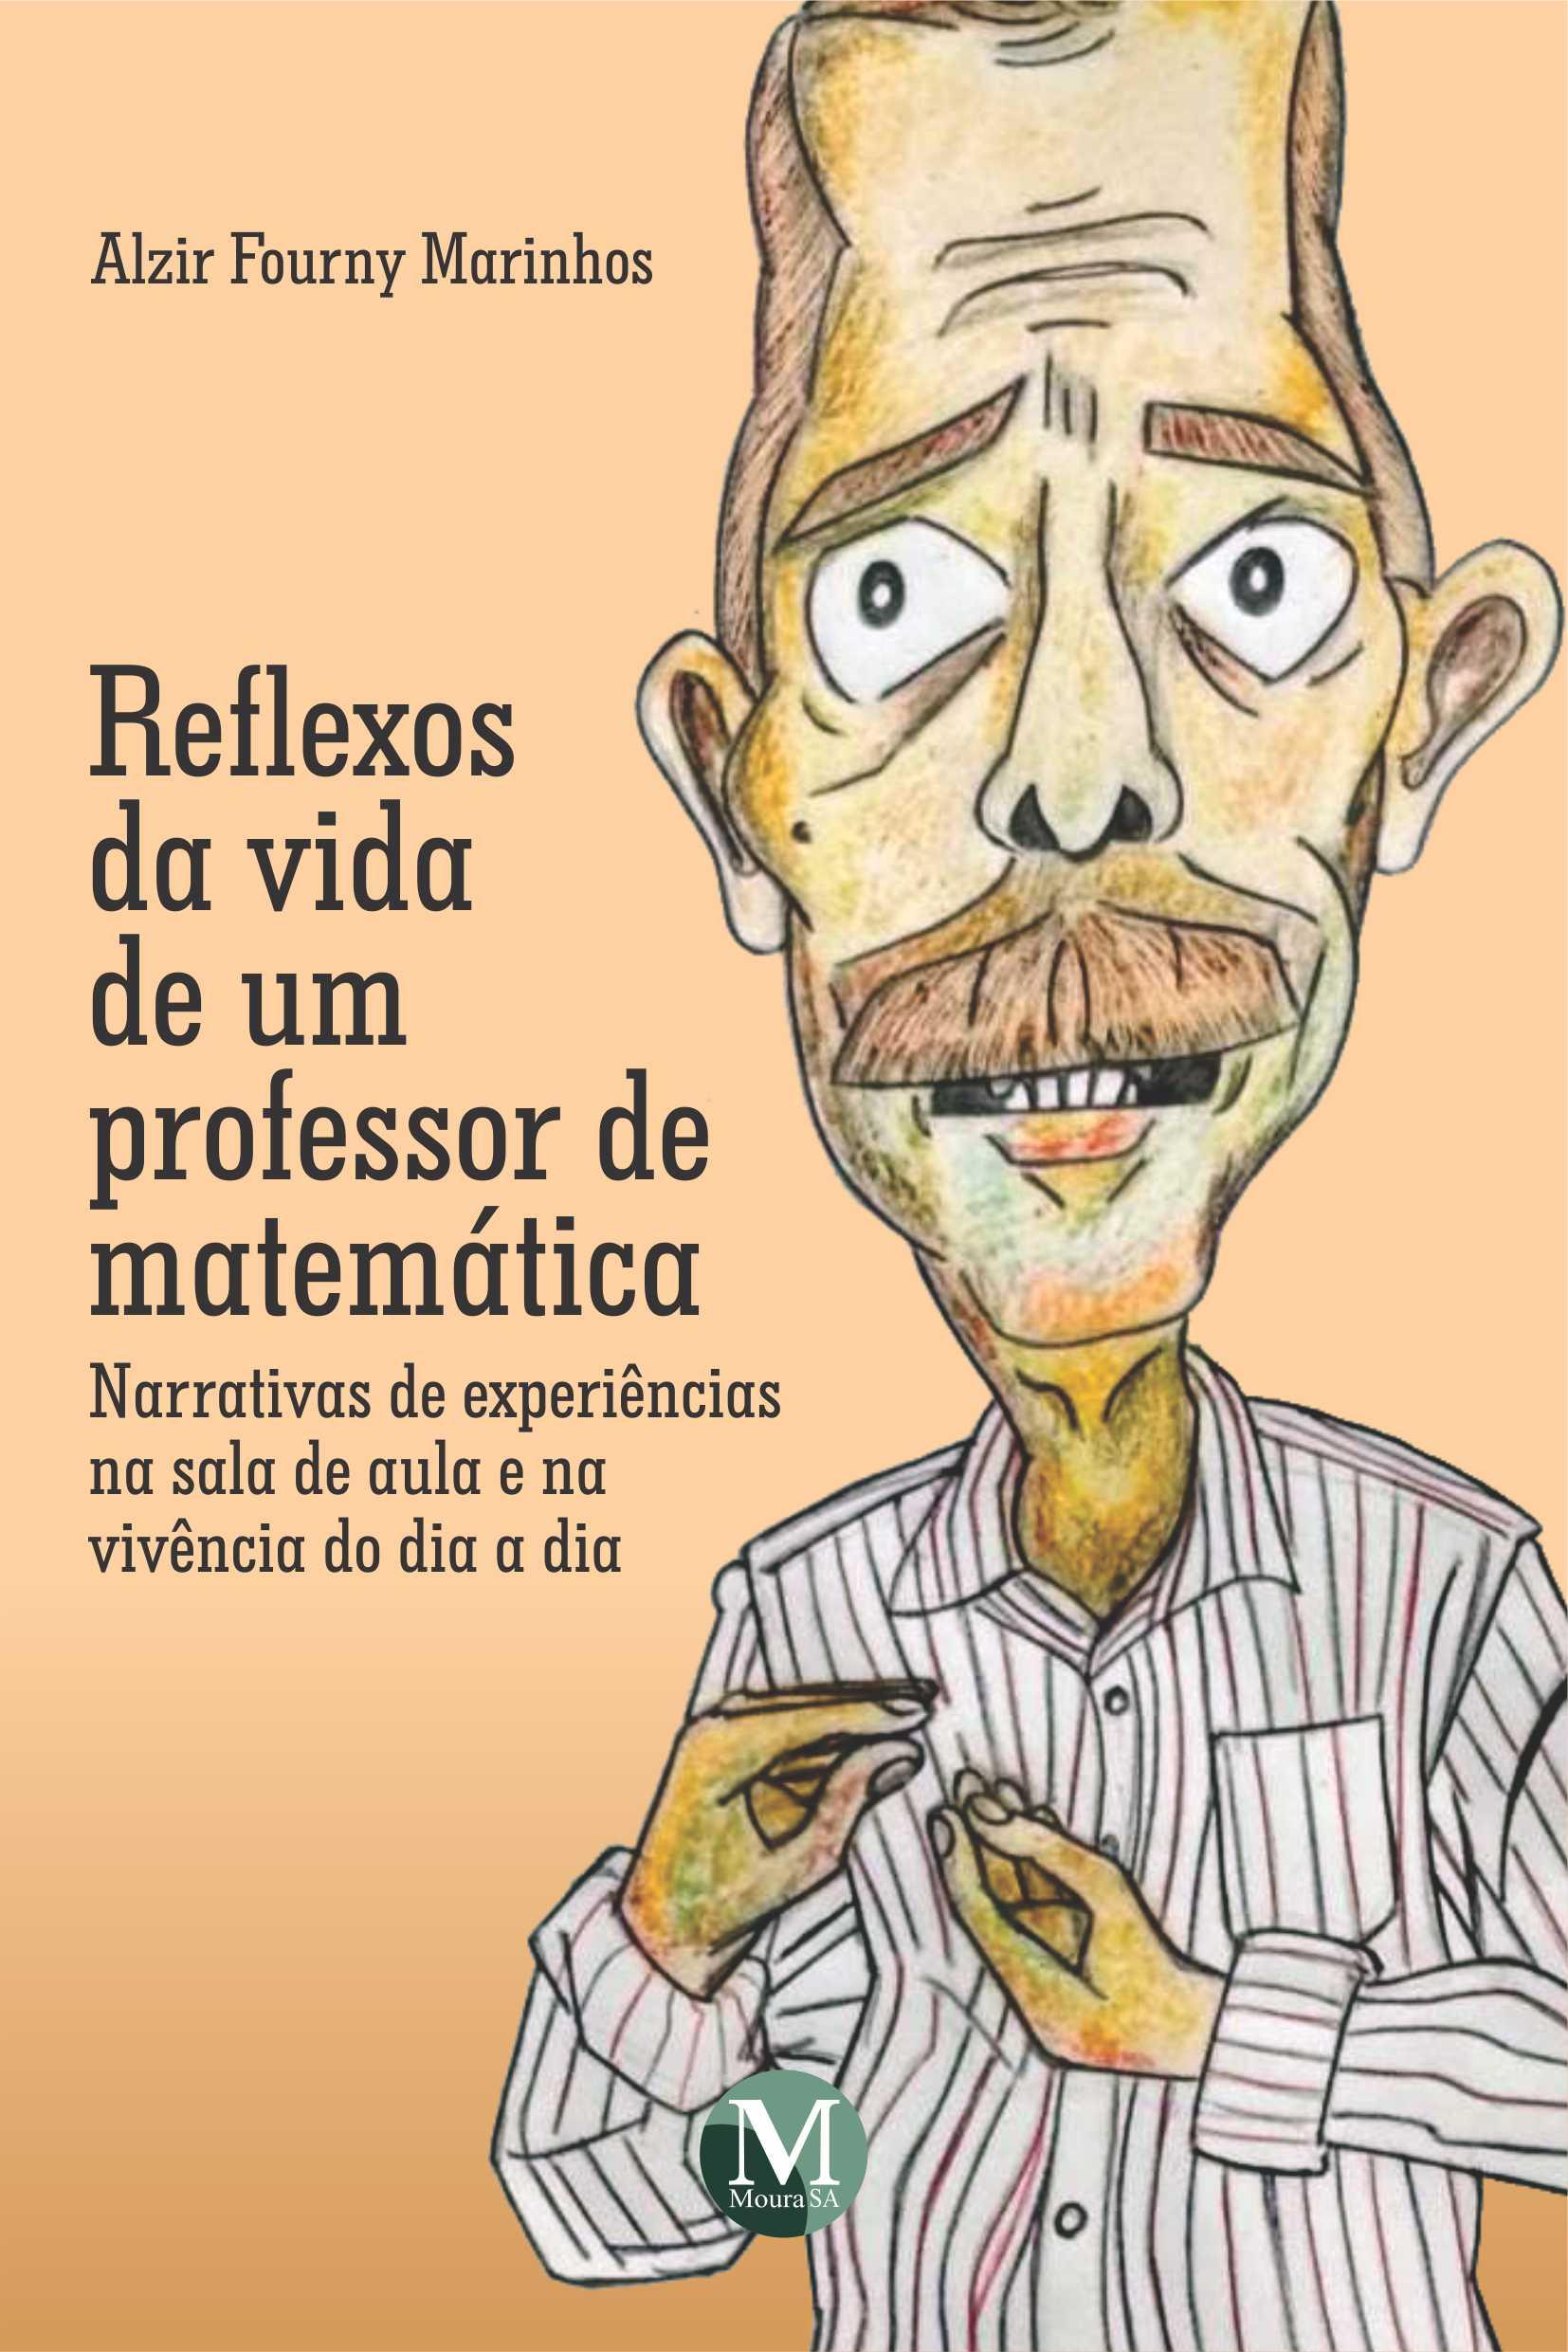 Capa do livro: REFLEXOS DA VIDA DE UM PROFESSOR DE MATEMÁTICA: <BR>narrativas de experiências na sala de aula e na vivência do dia a dia